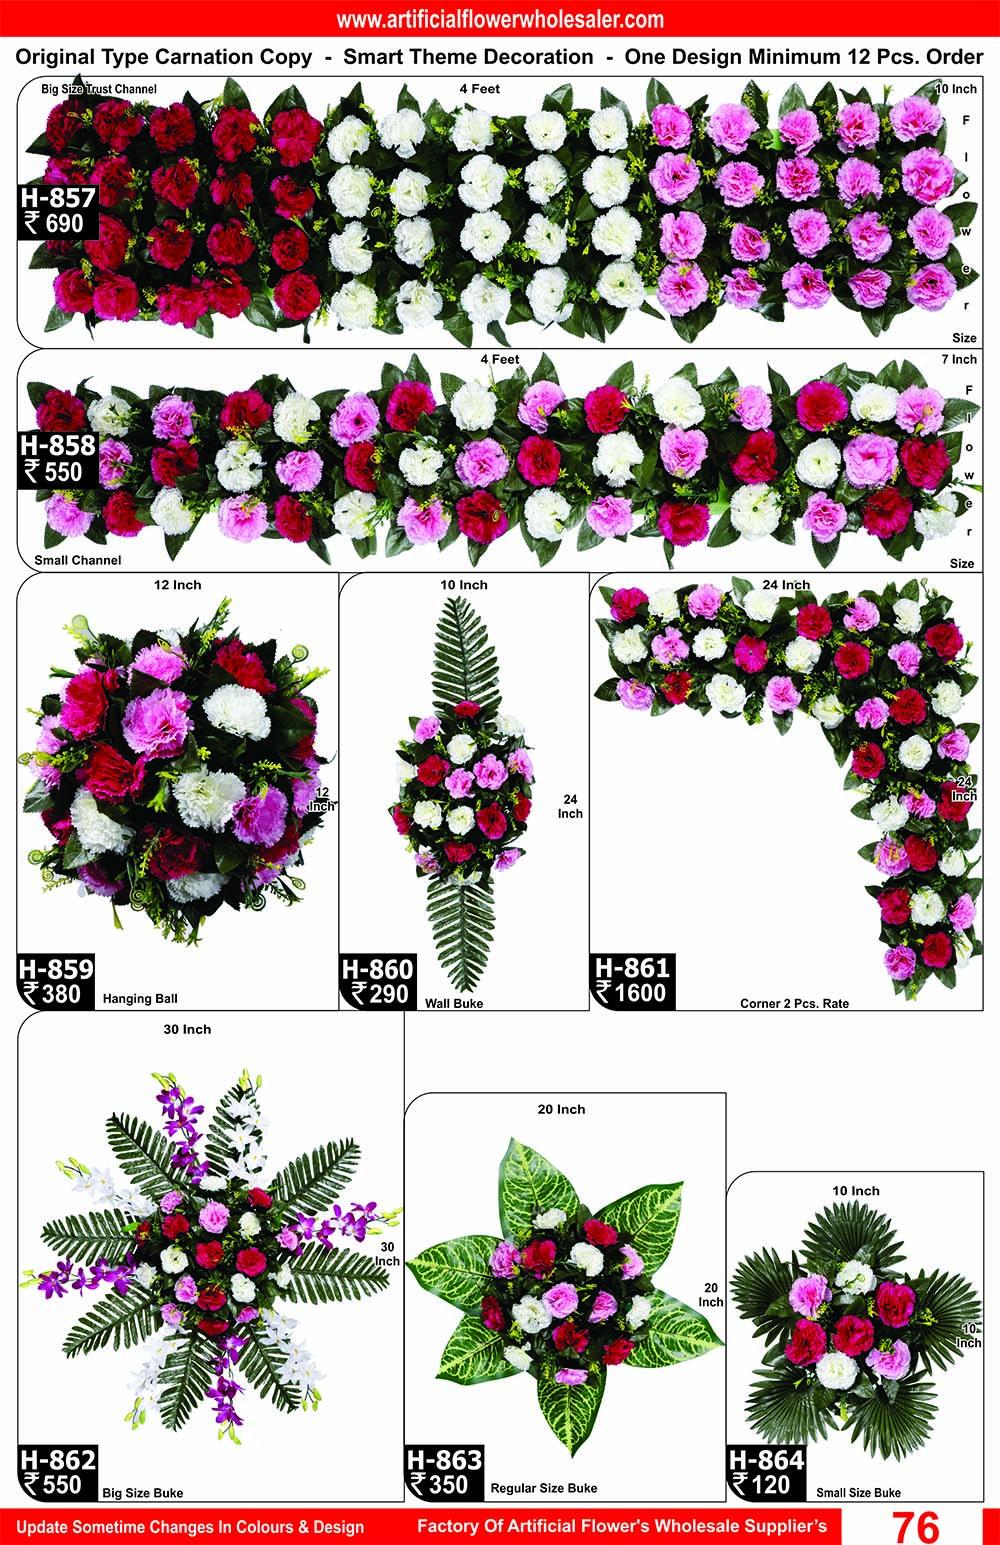 76-artificial-flower-wholesaler